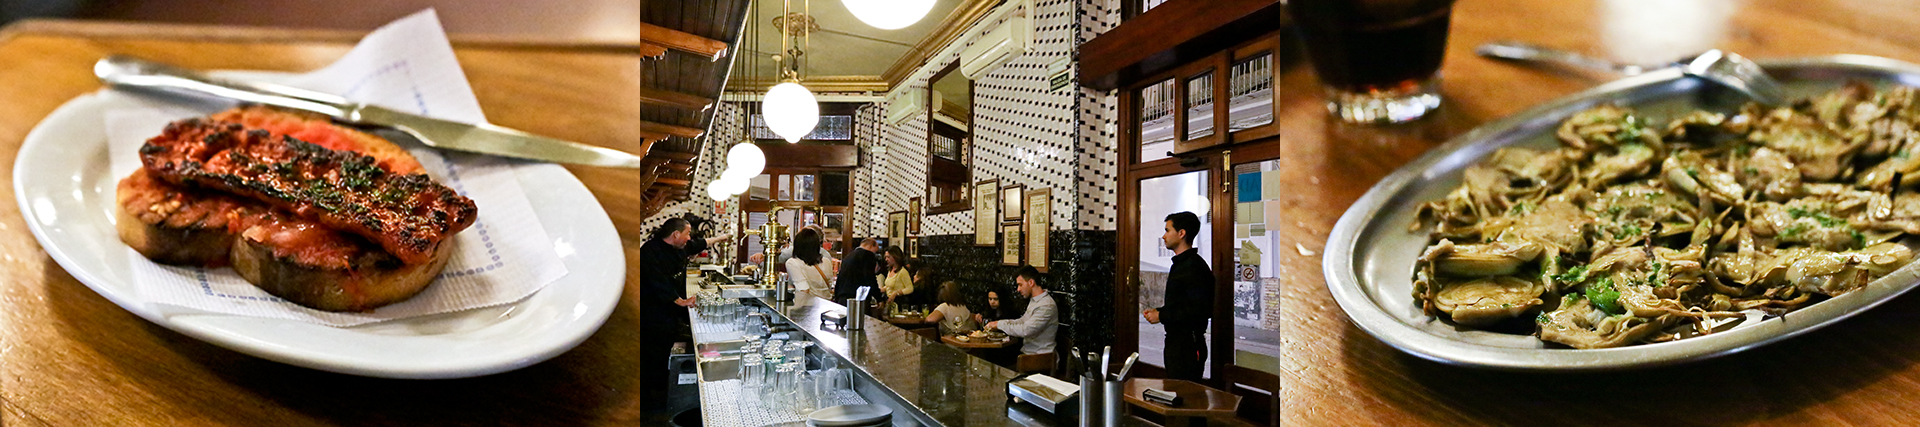 La Pilareta (Bar Pilar) 1